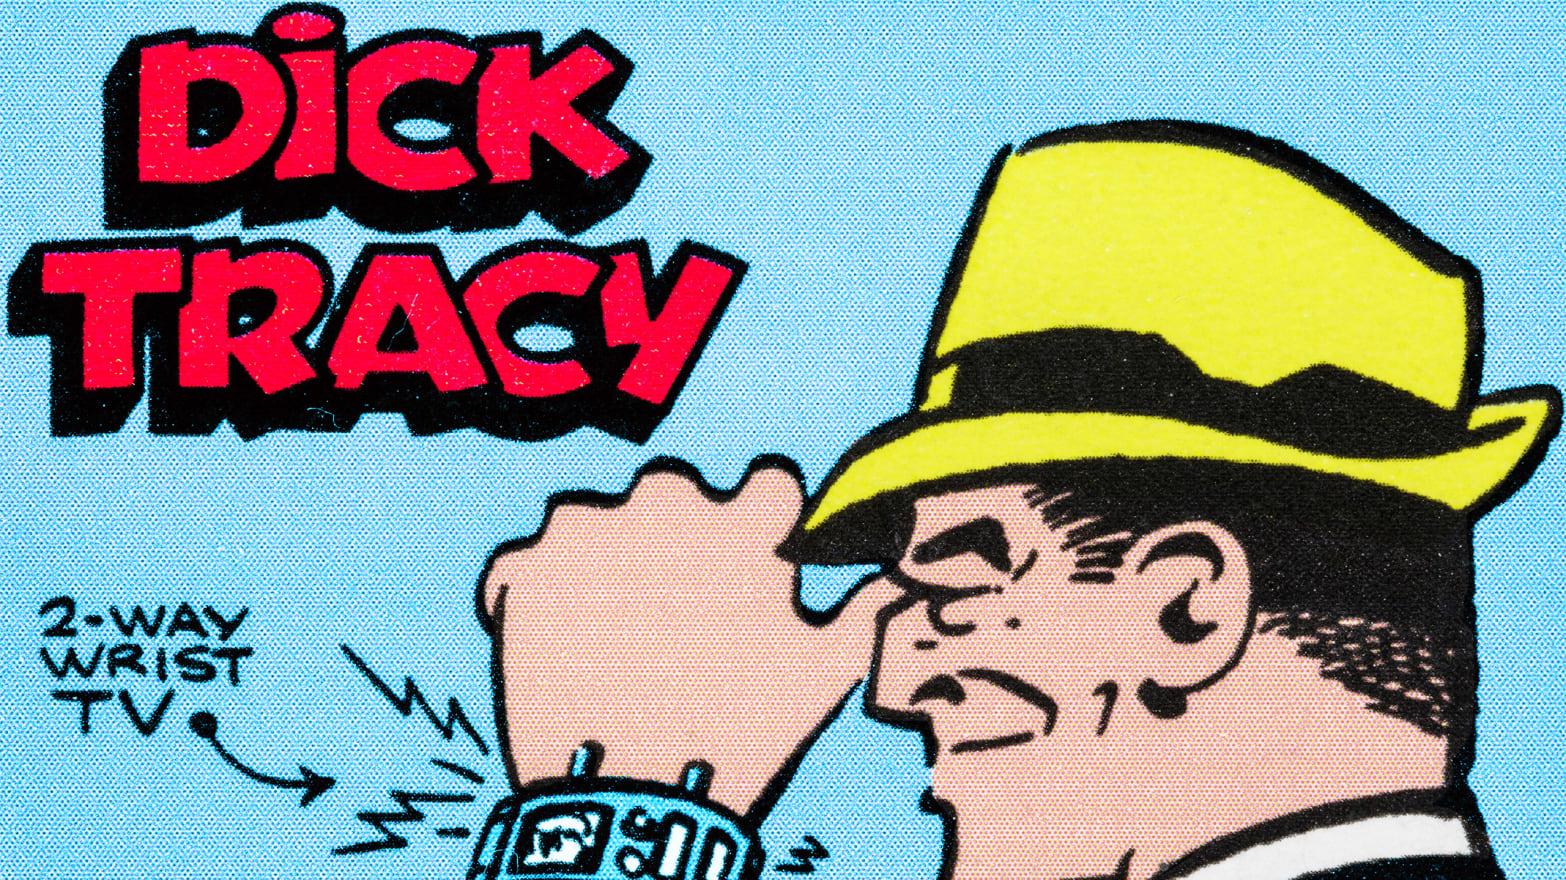 Cartoon dick tracy